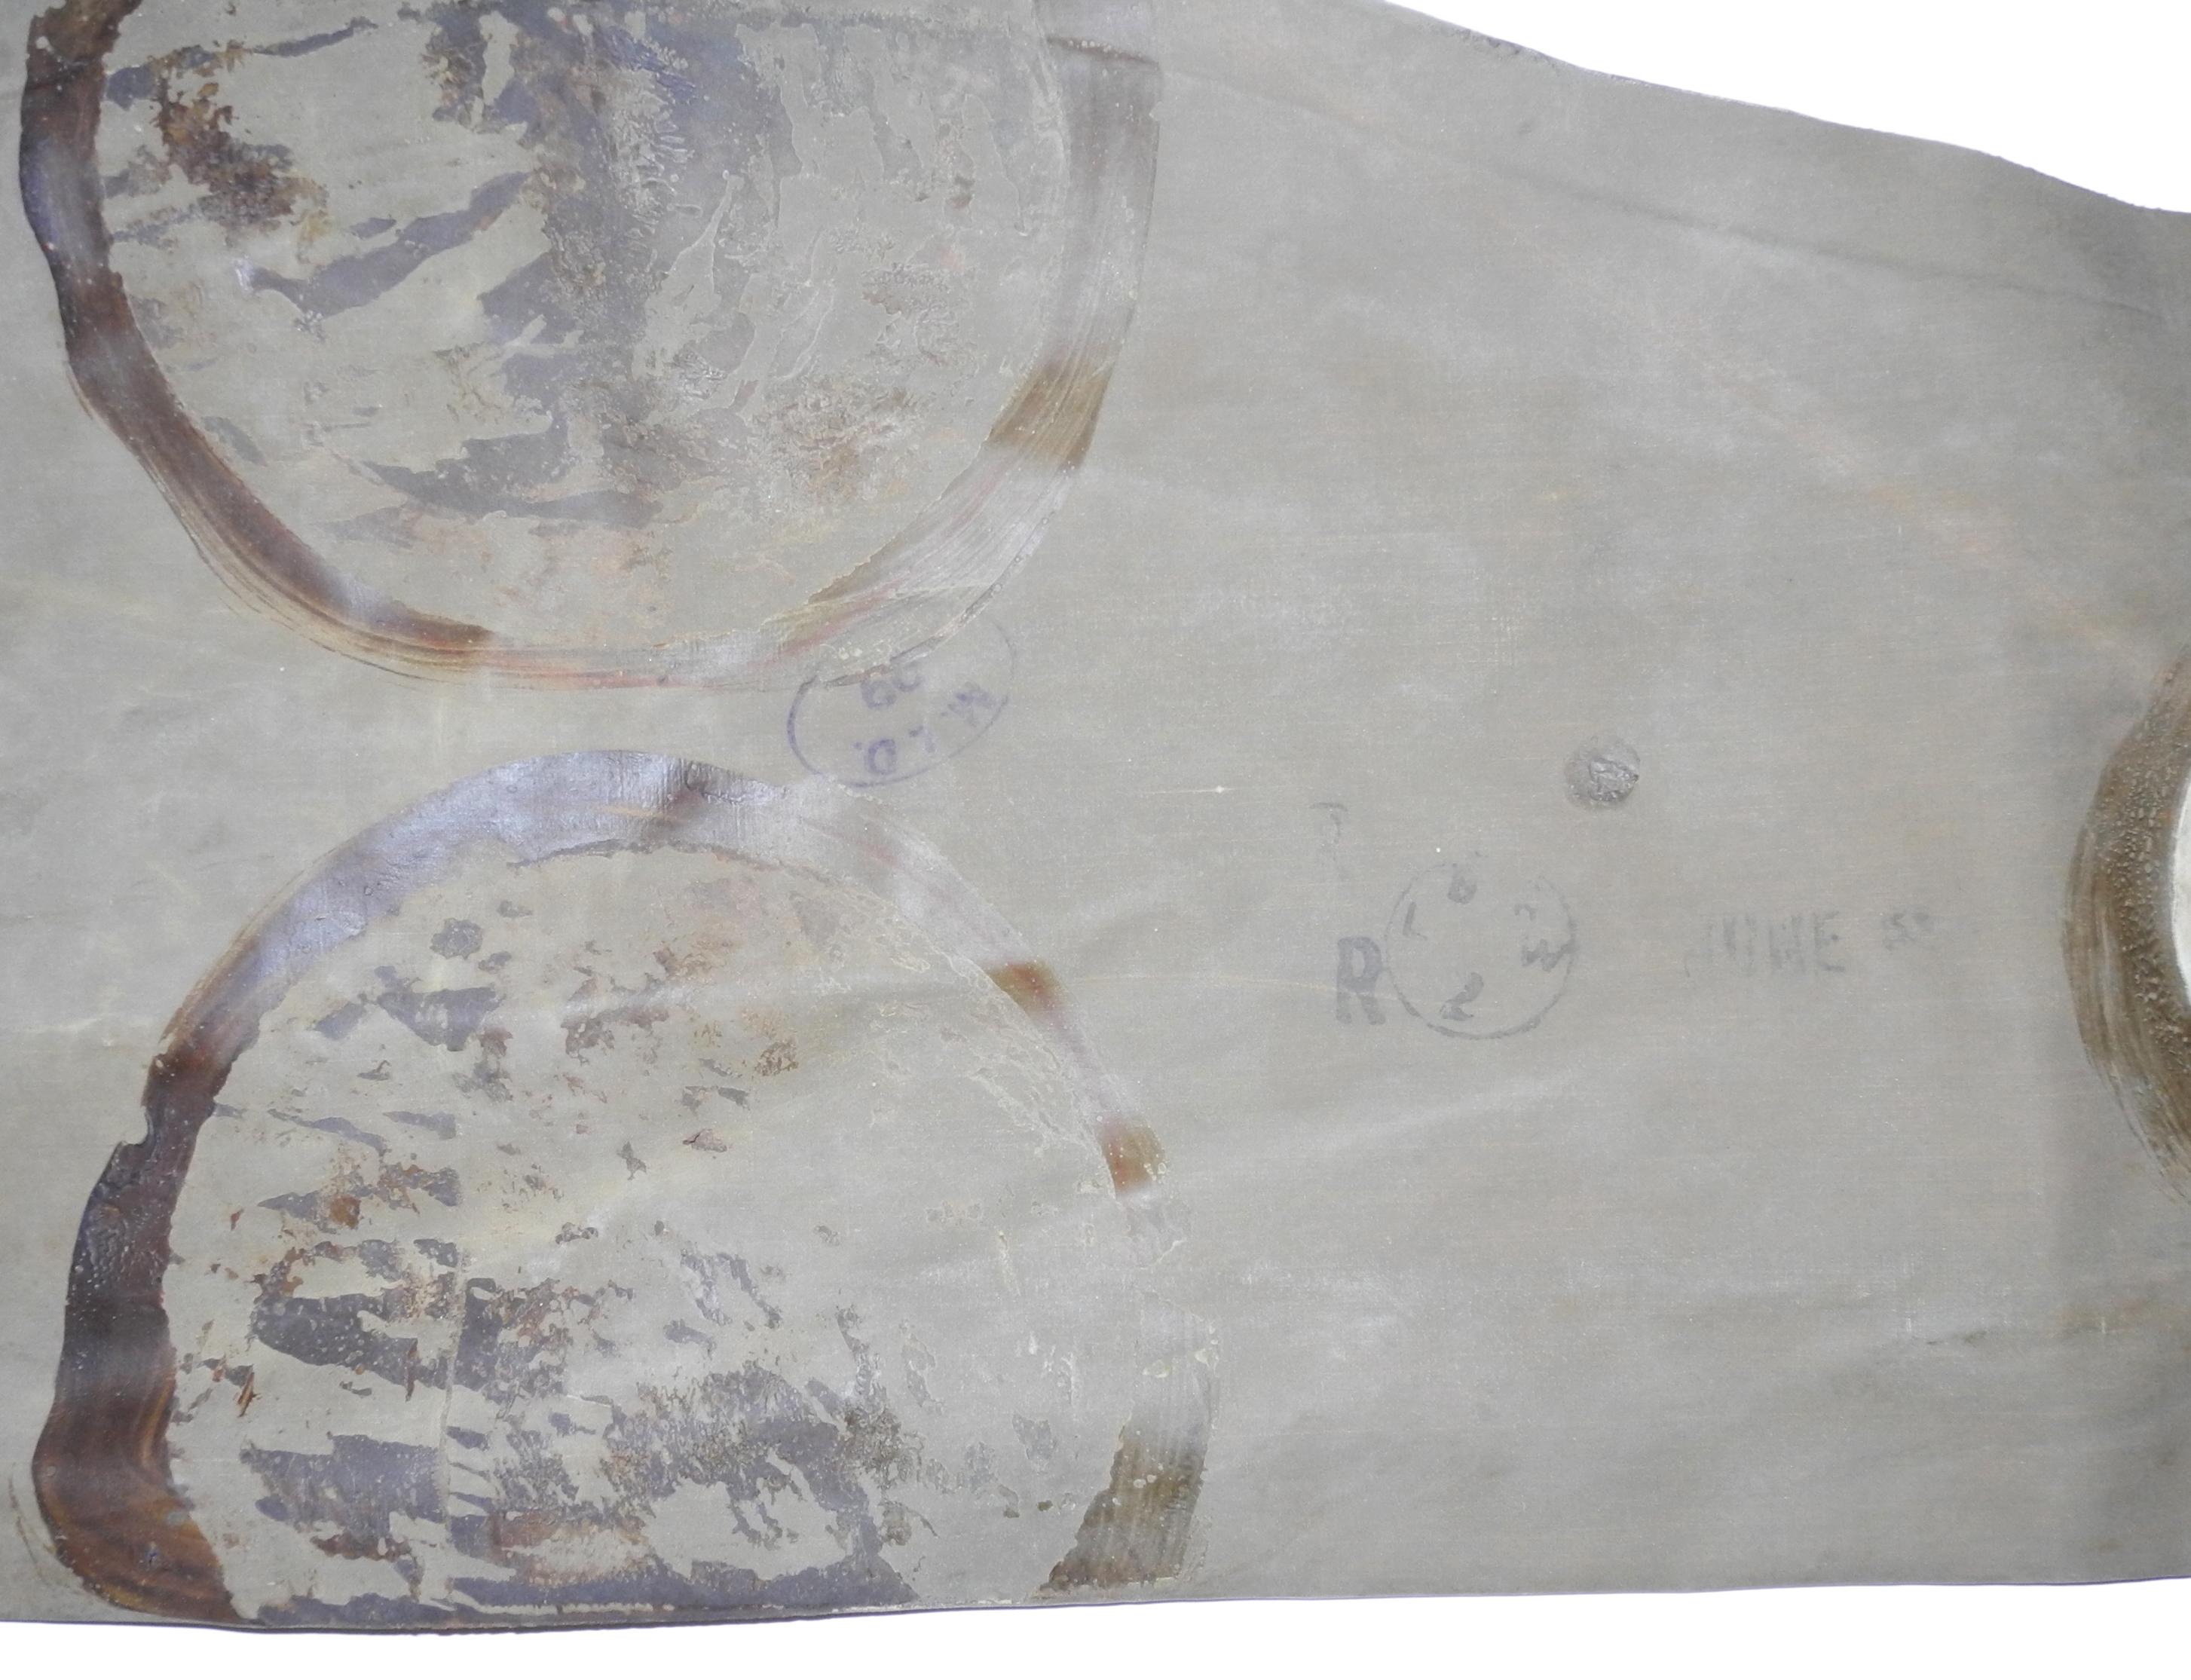 RAF/ RCAF flotation bladder/stole